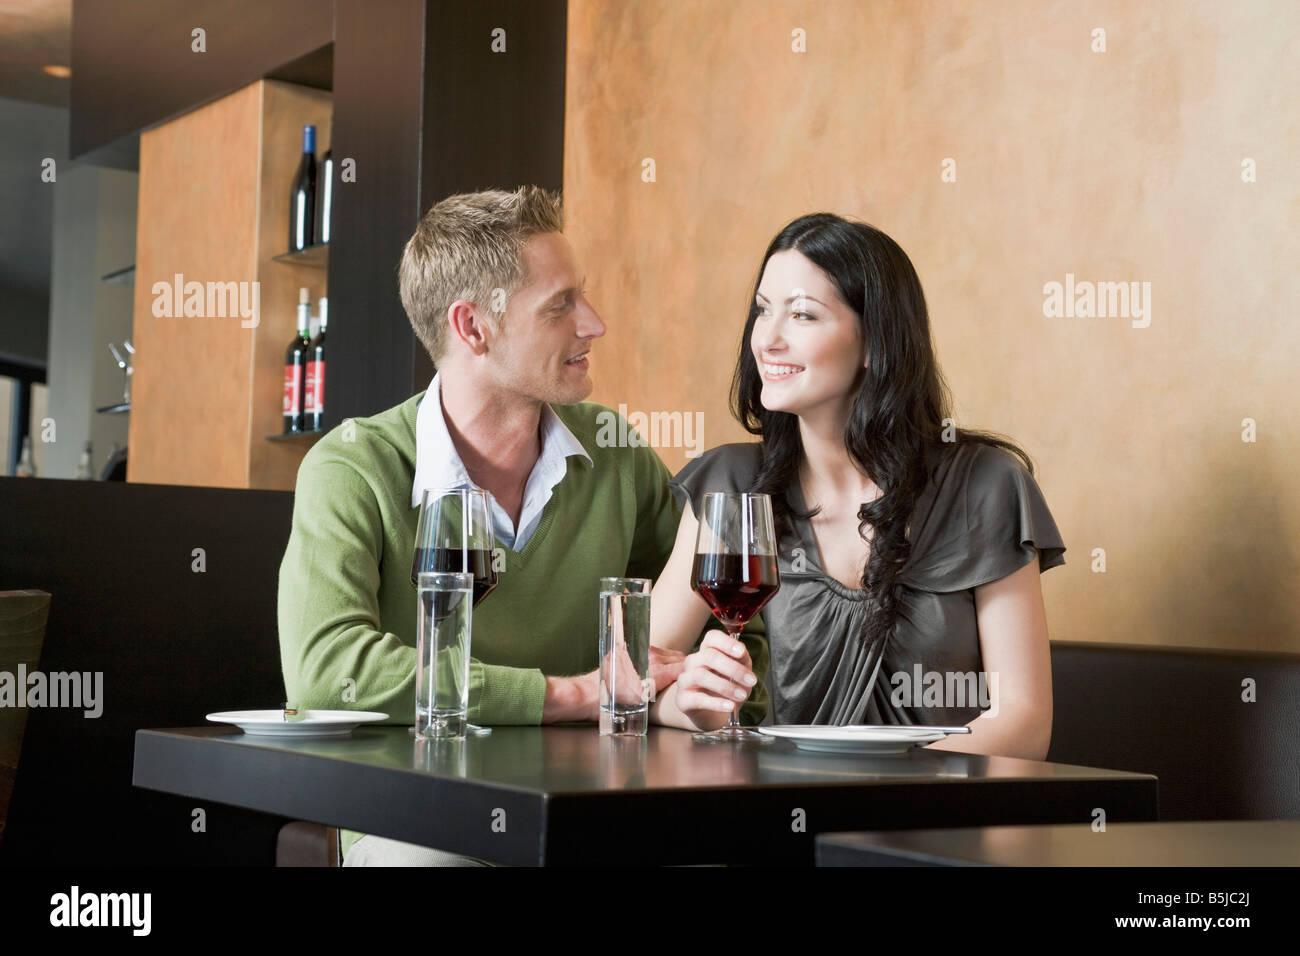 Coppia giovane seduti al ristorante con i bicchieri di vino rosso Immagini Stock